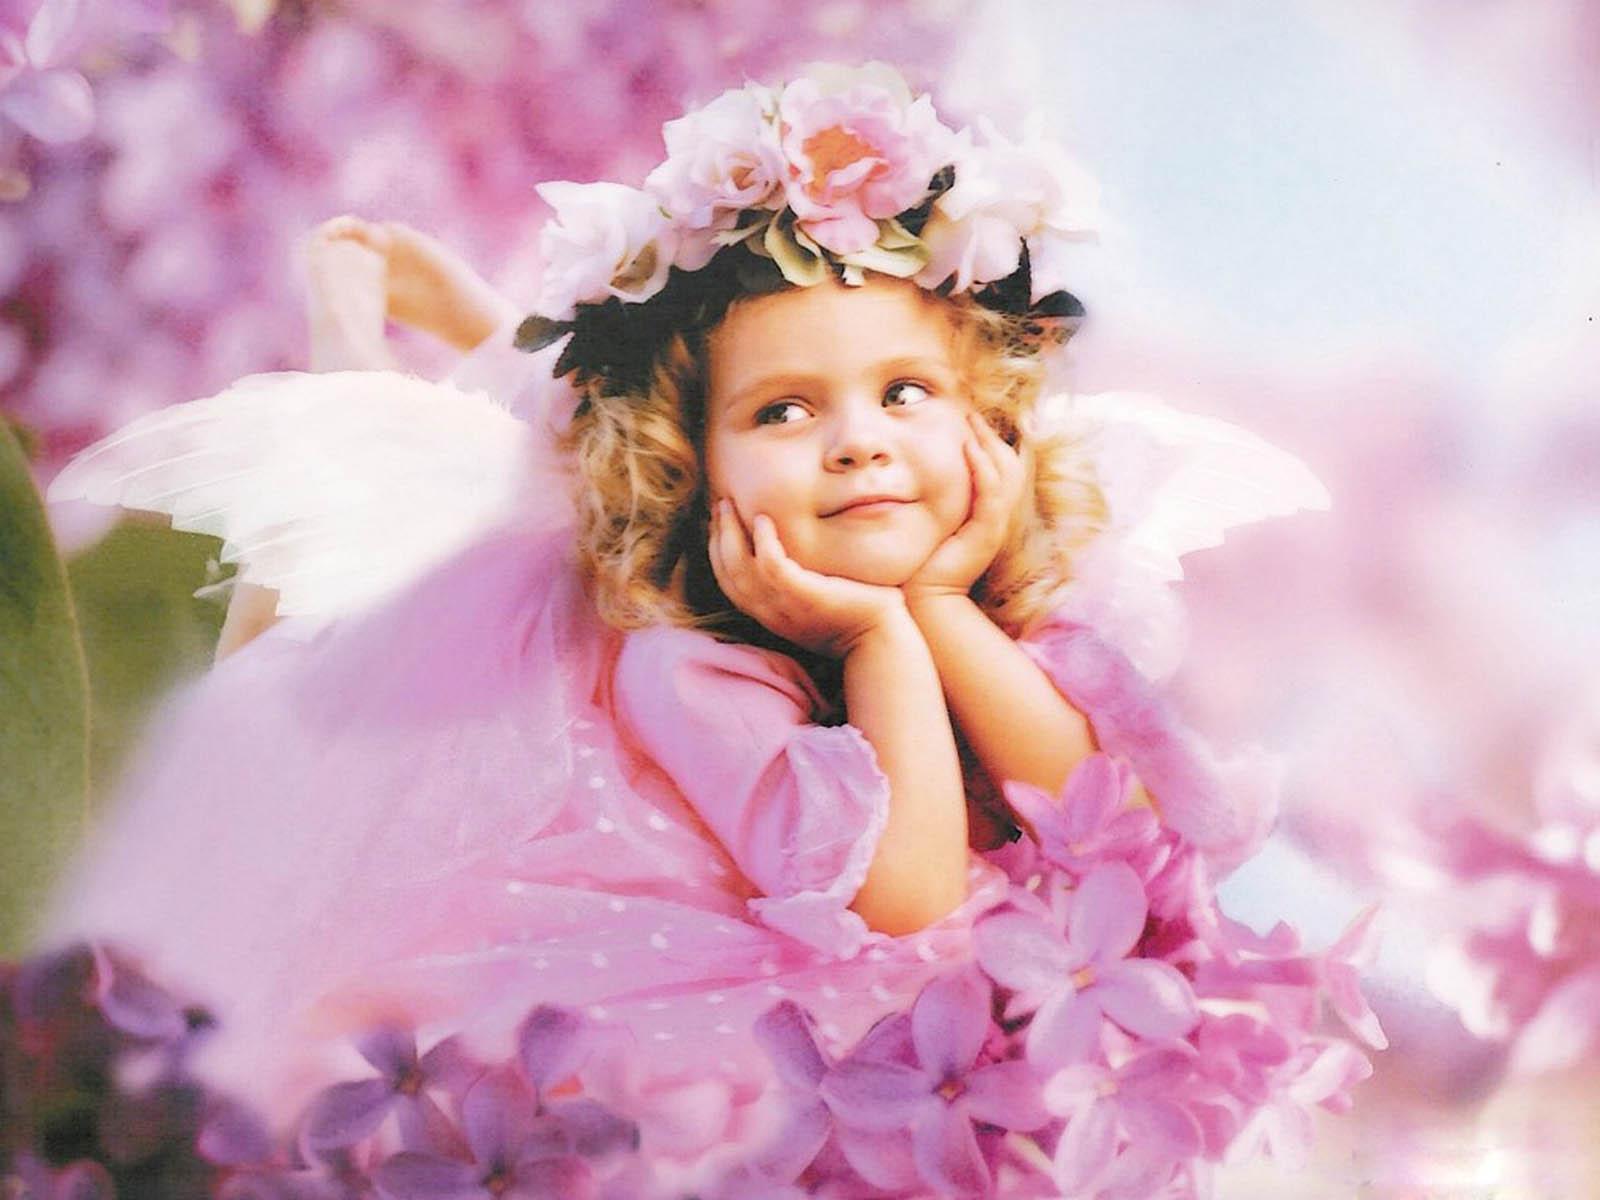 Angel Babies Wallpapers AngelBabies Desktop Wallpapers Angel Babies 1600x1200